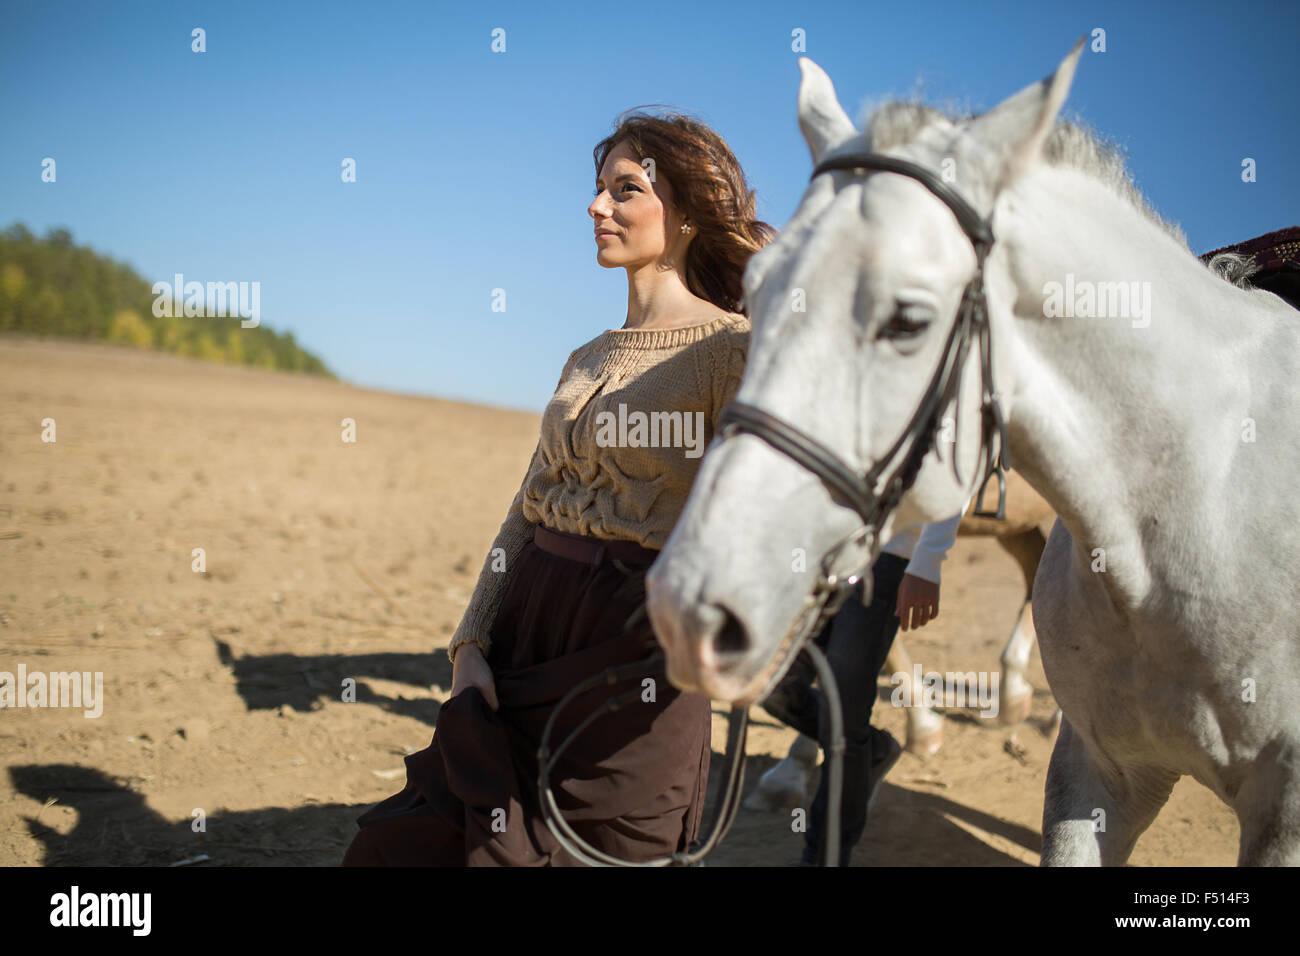 Atractiva chica joven está caminando con su caballo Foto de stock